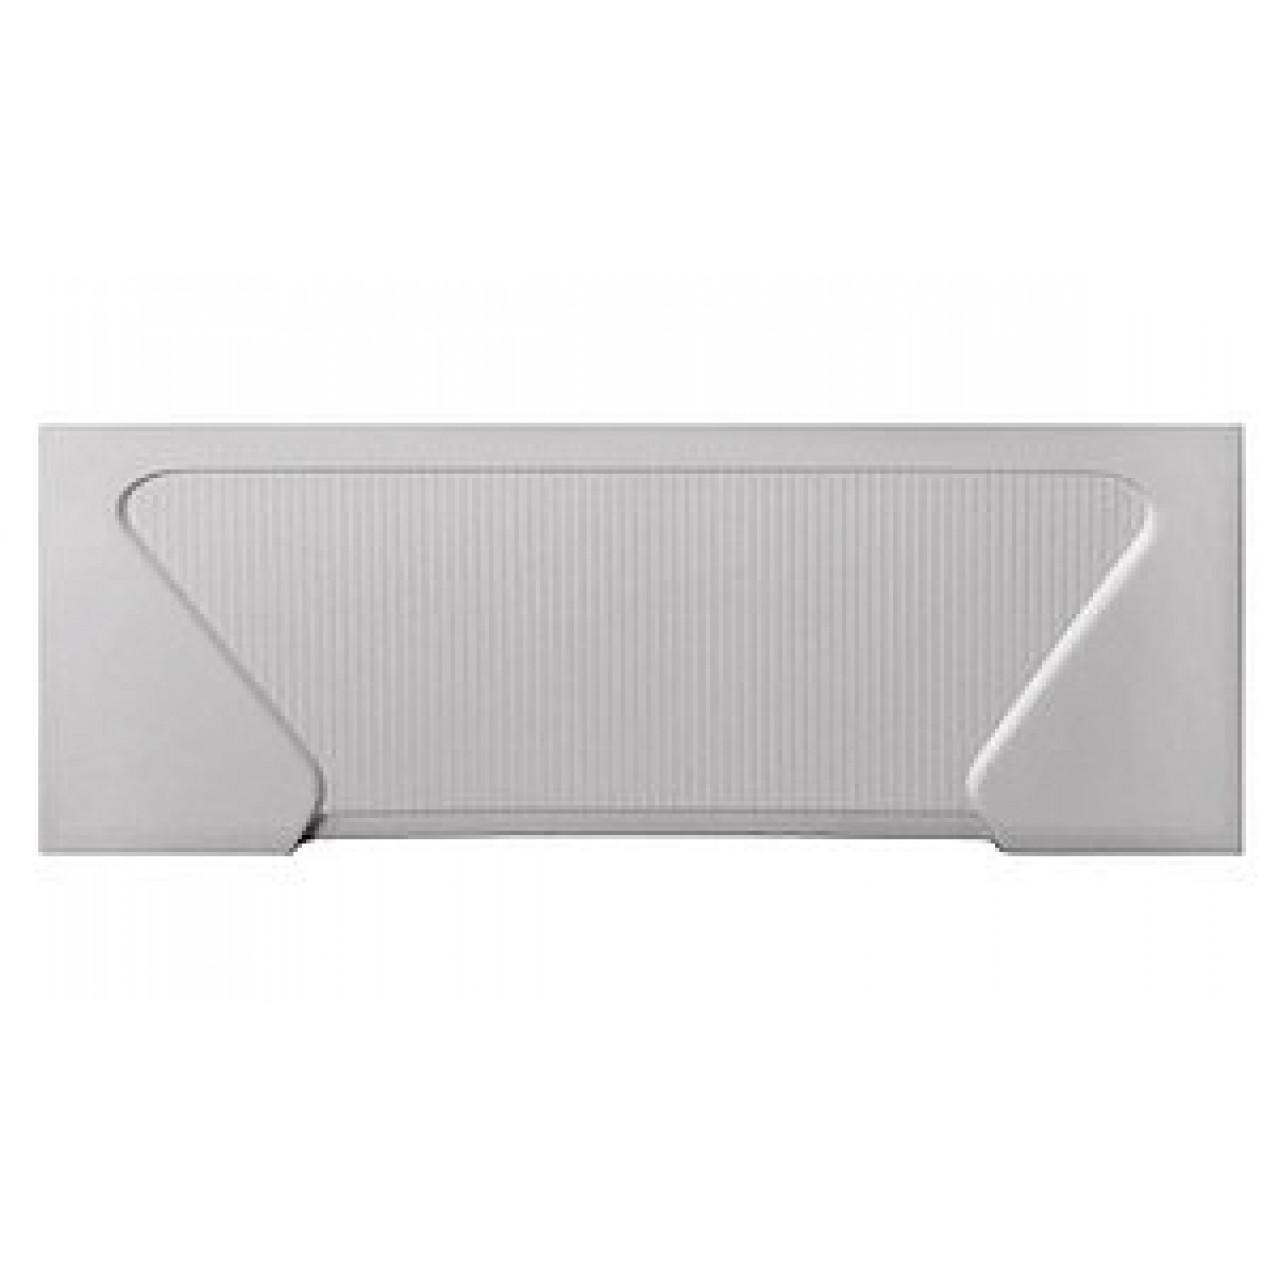 Экран Triton Лиза 120 купить в Москве по цене от 2730р. в интернет-магазине mebel-v-vannu.ru